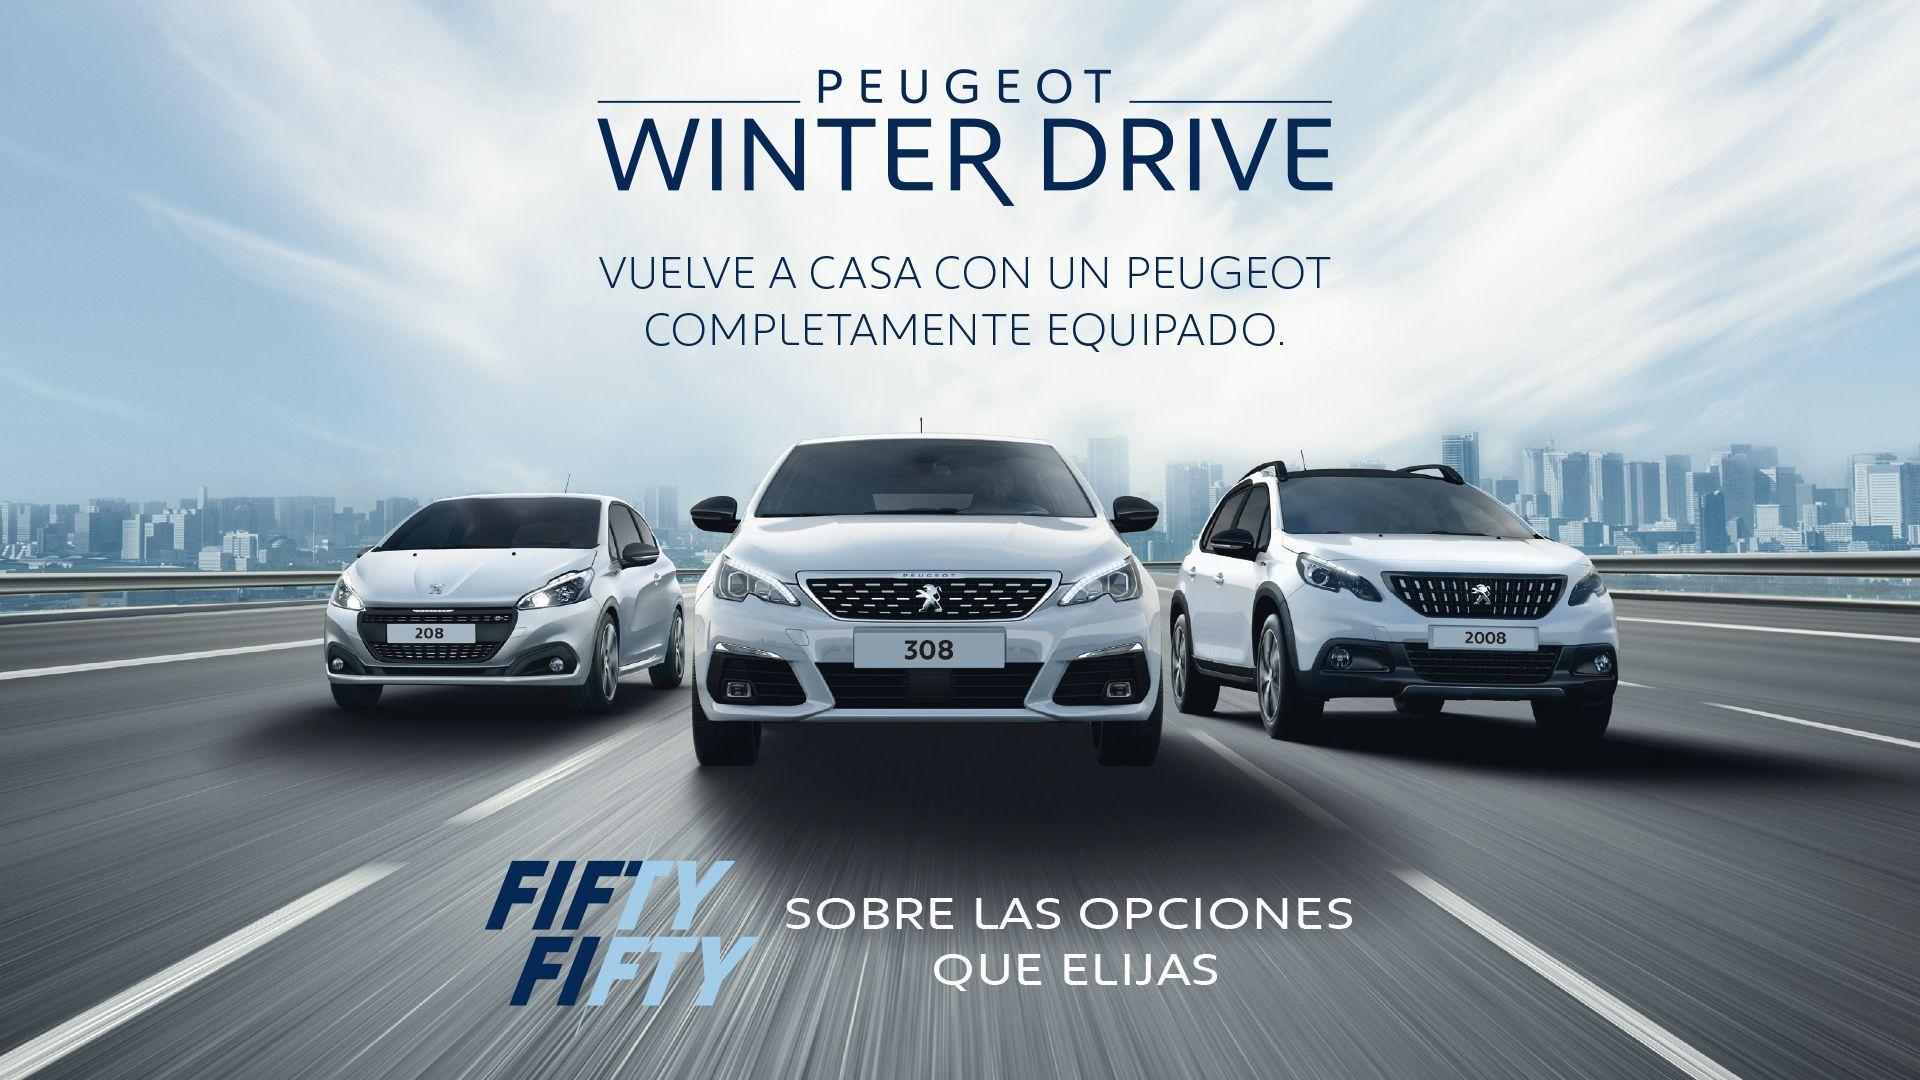 Esta navidad, llévate un Peugeot con el 50% de descuento en el equipamiento extra